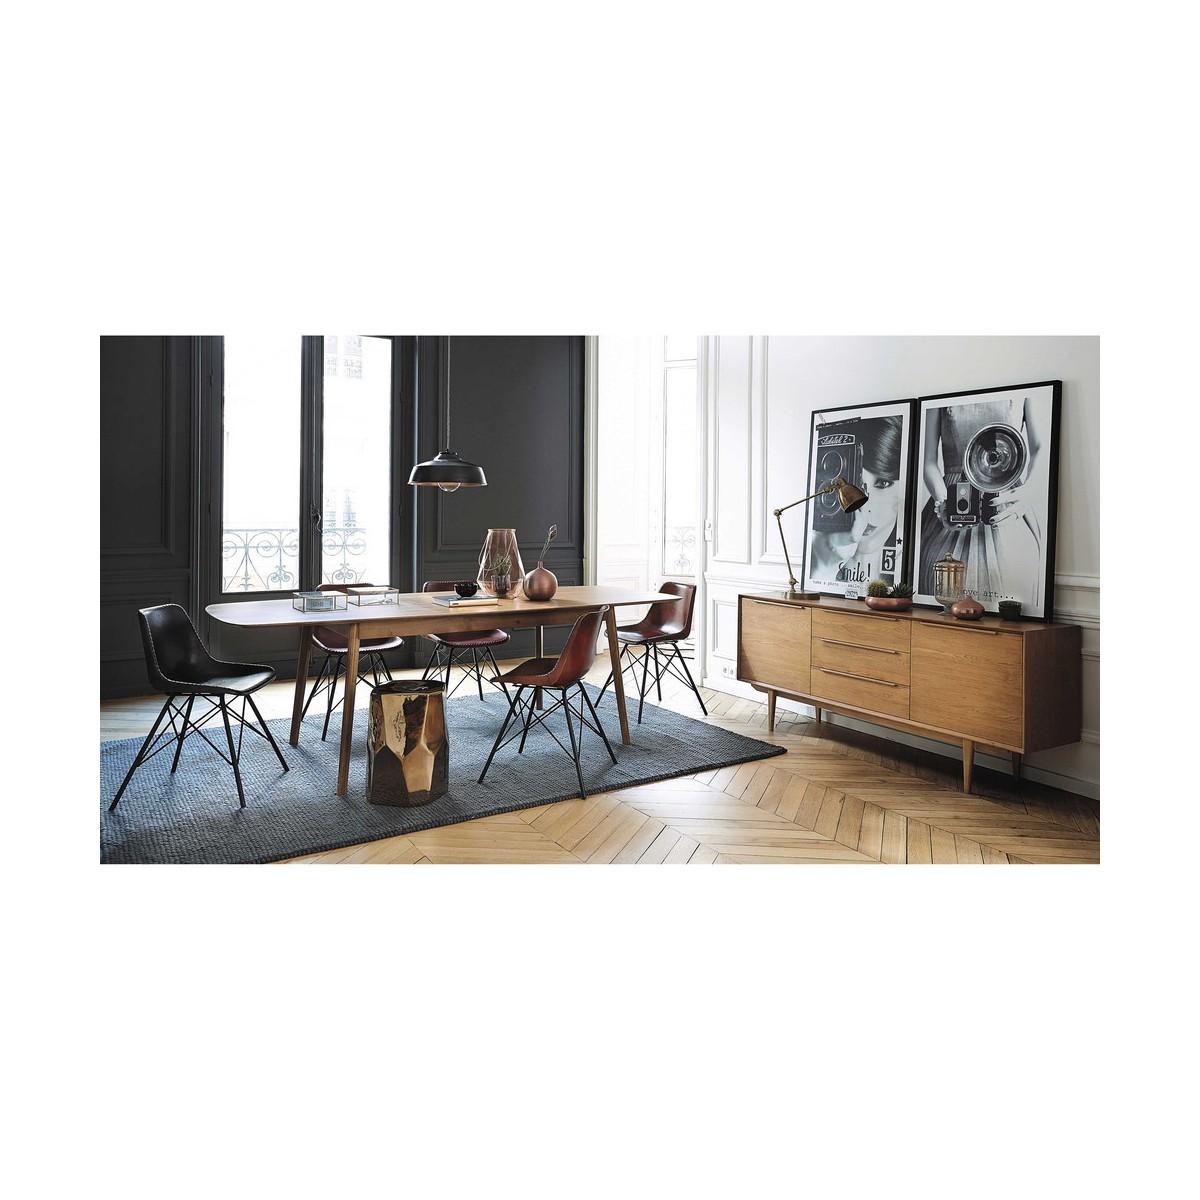 table de salle manger vintage en ch ne massif l 180 cm. Black Bedroom Furniture Sets. Home Design Ideas